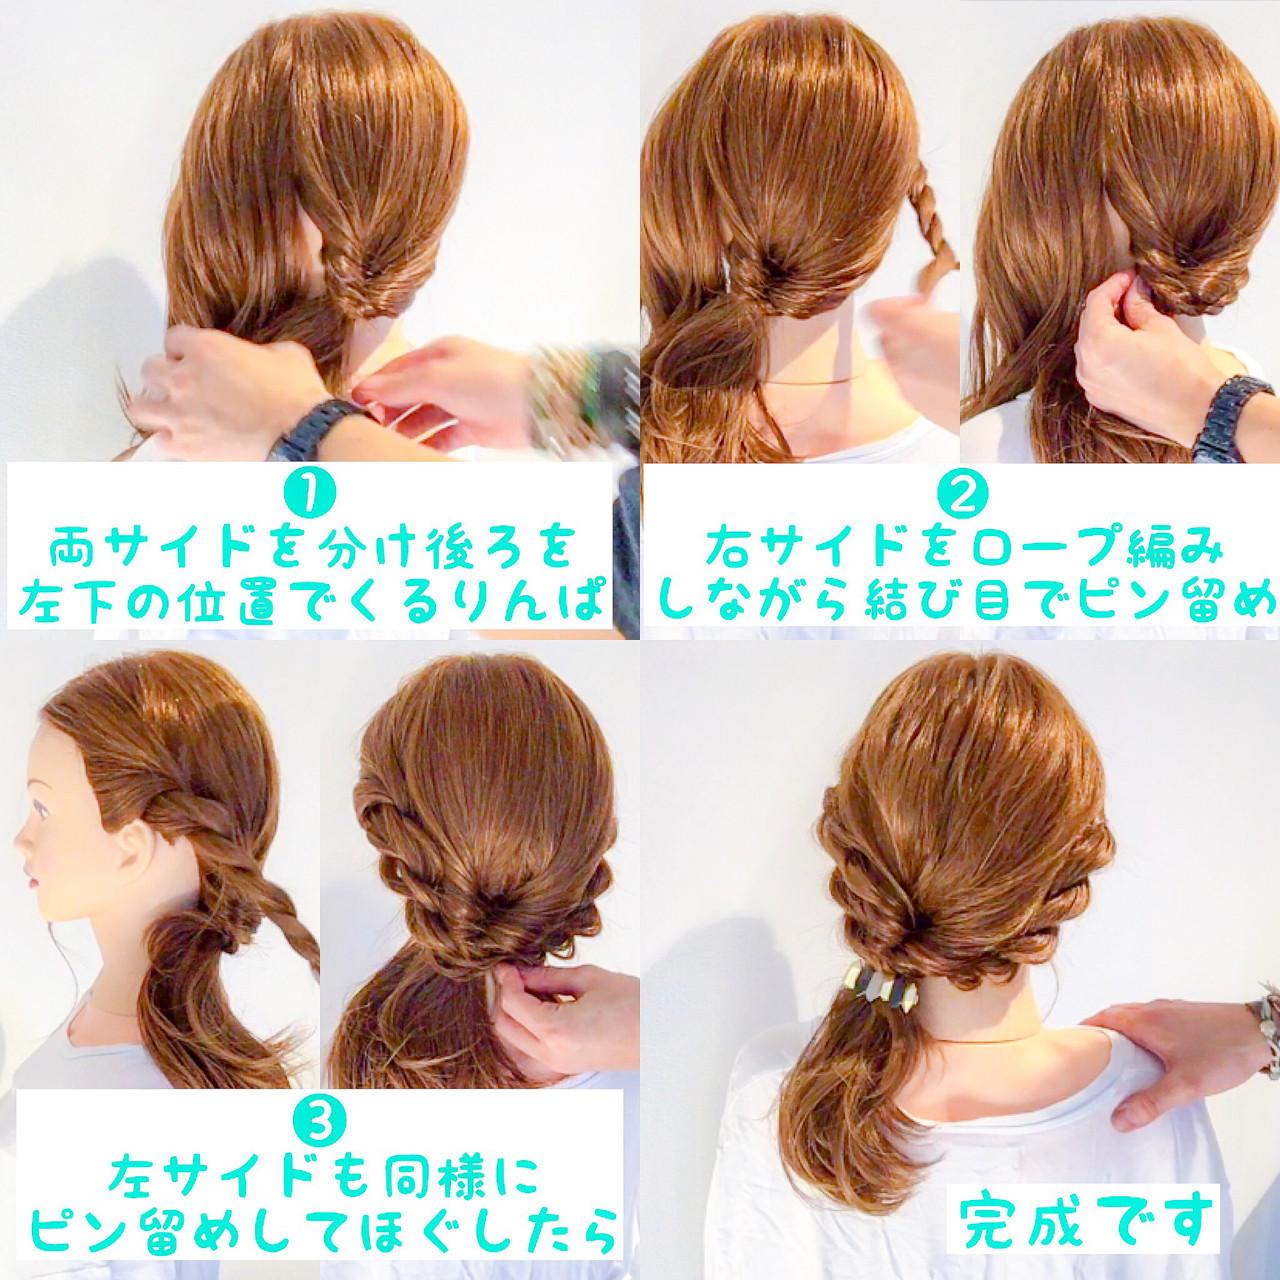 ロング ショート 簡単ヘアアレンジ フェミニン ヘアスタイルや髪型の写真・画像